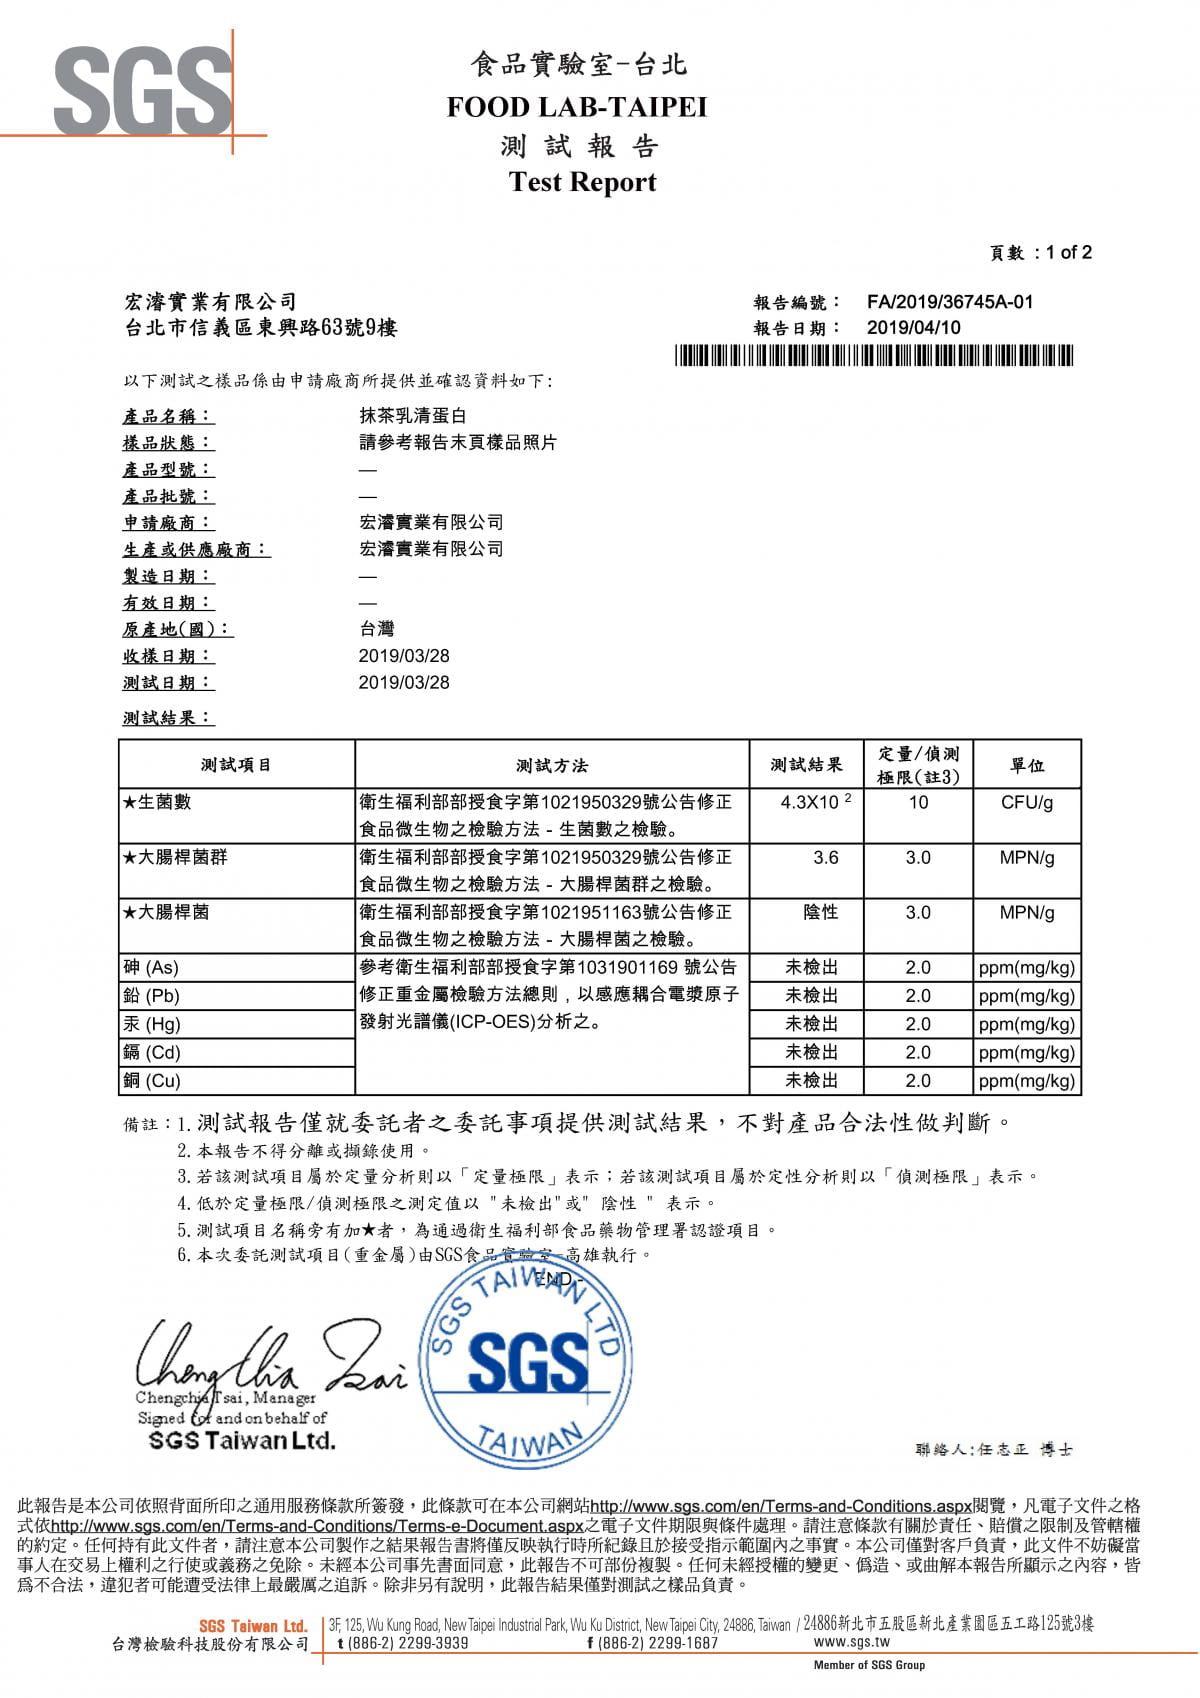 【Bioplus】濃縮乳清蛋白(抹茶)-1Kg健身包 高蛋白 低脂 WPC 7